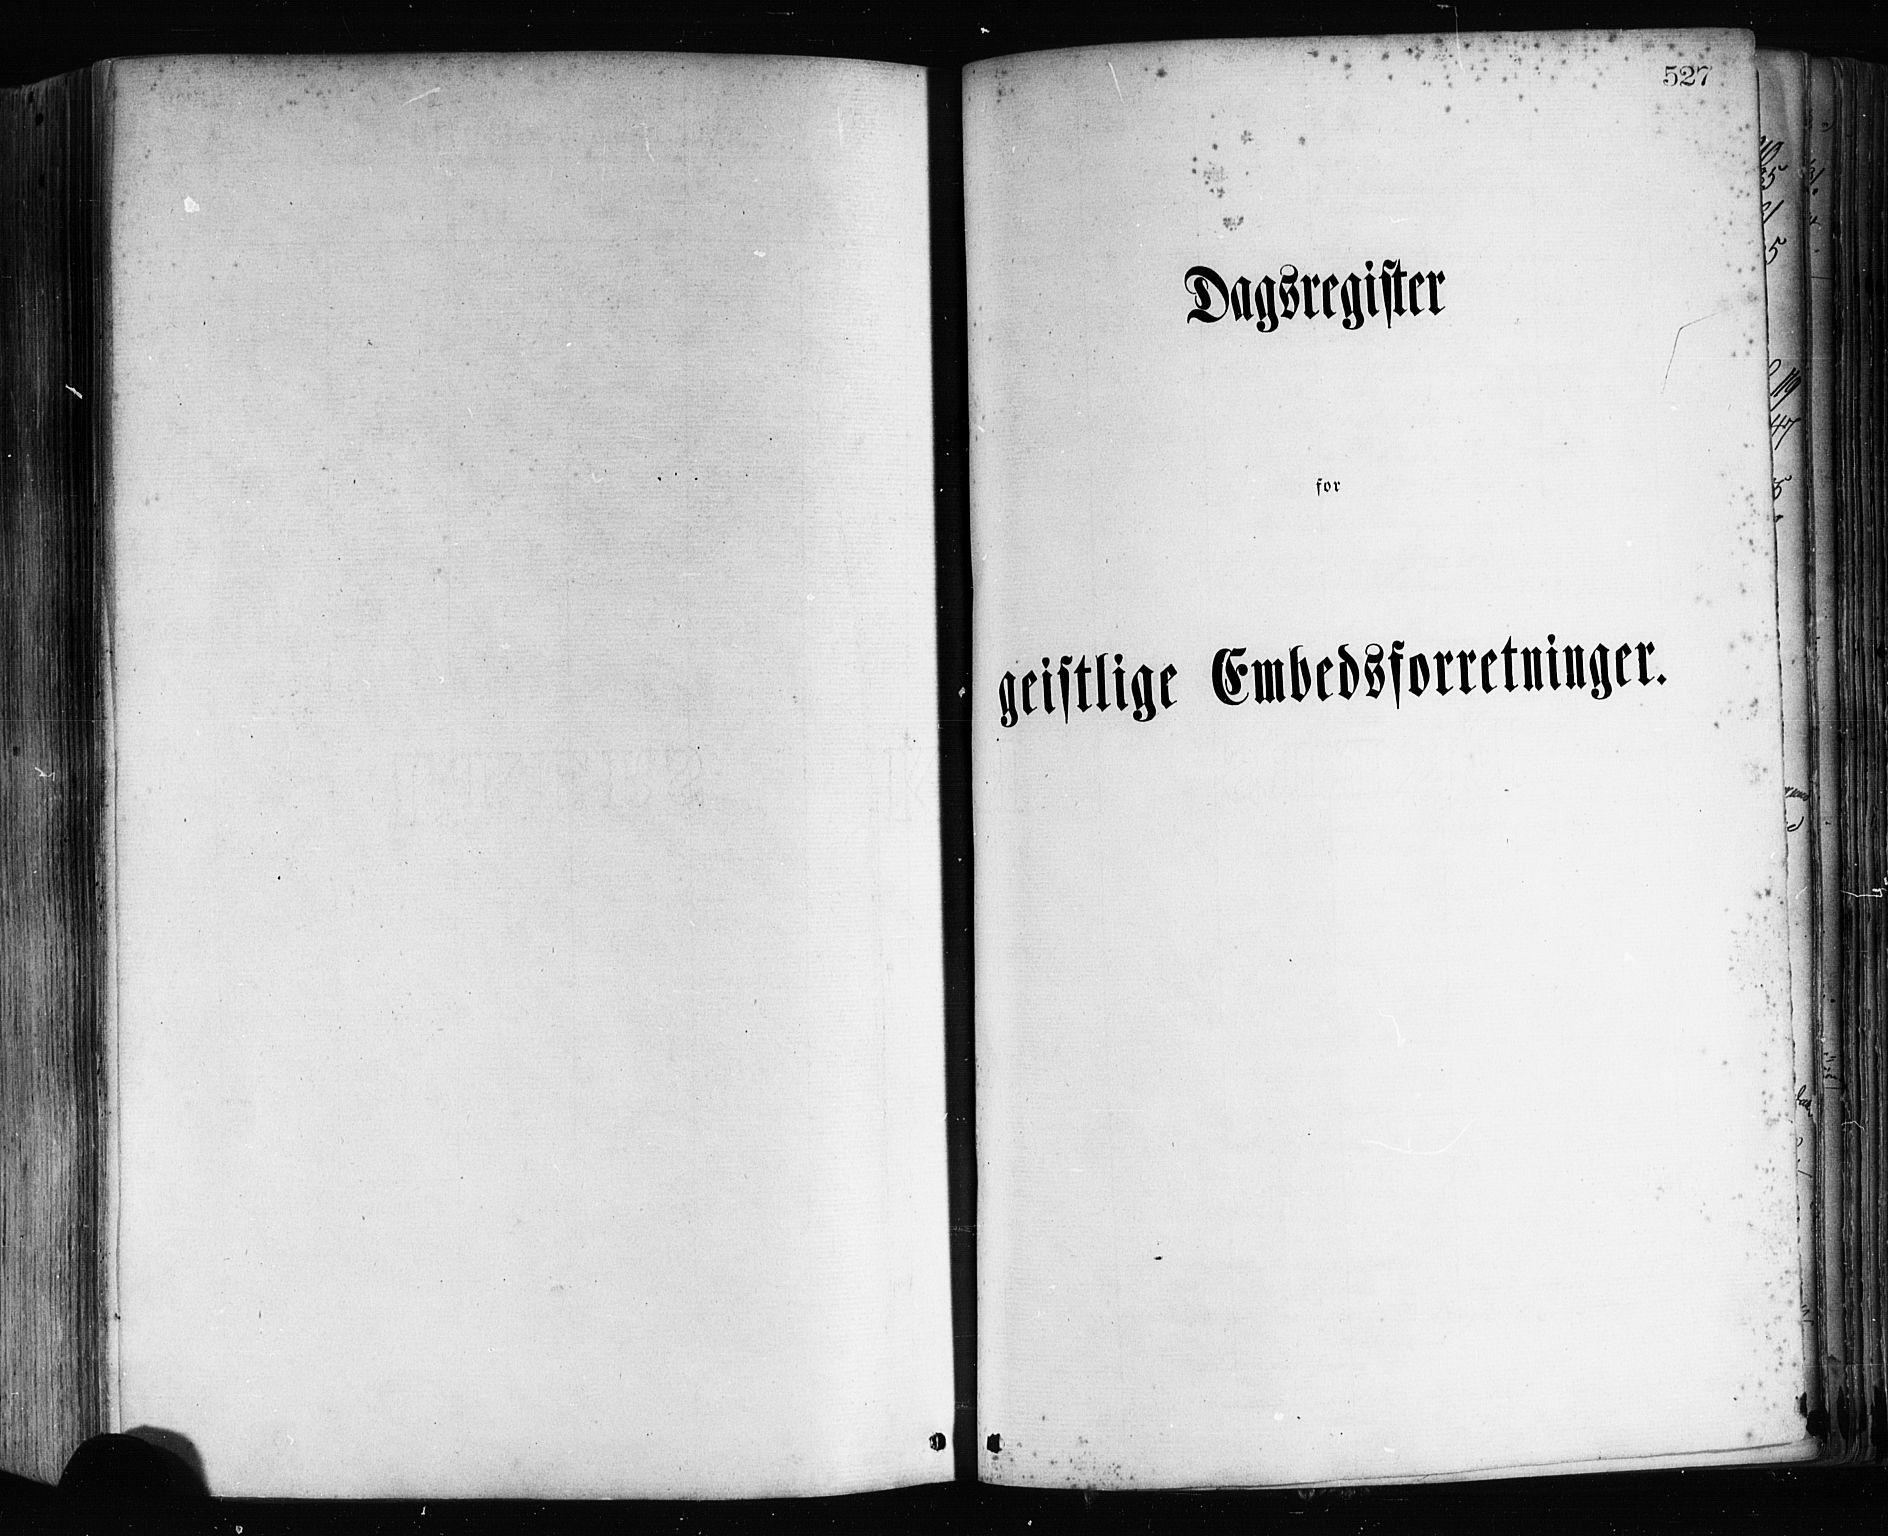 SAB, Hamre sokneprestembete, H/Ha/Haa/Haaa/L0015: Ministerialbok nr. A 15, 1870-1881, s. 527